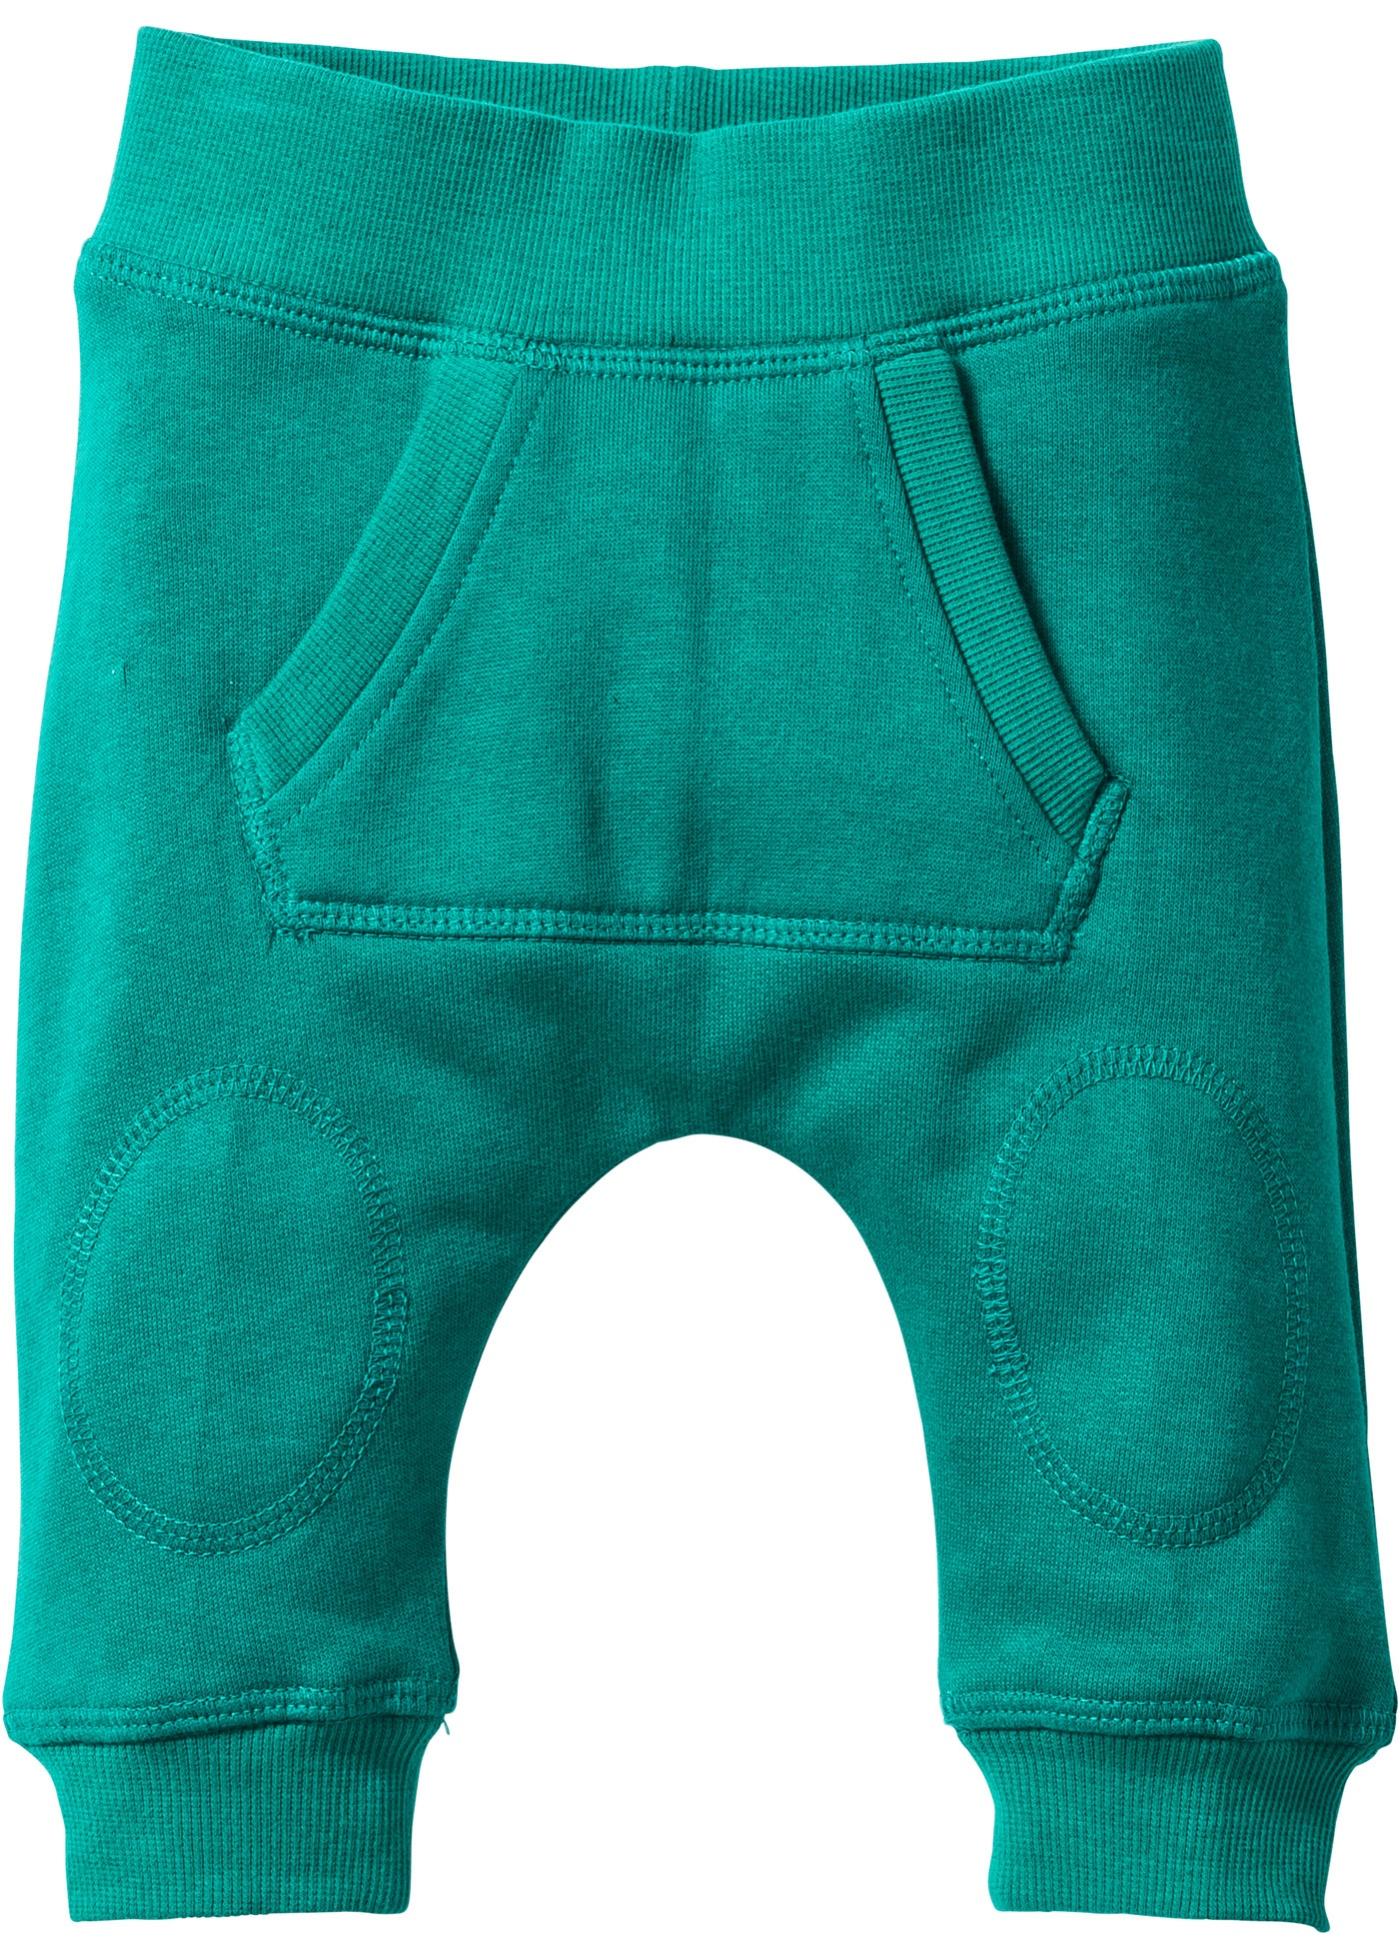 Pantalone in felpa di cot